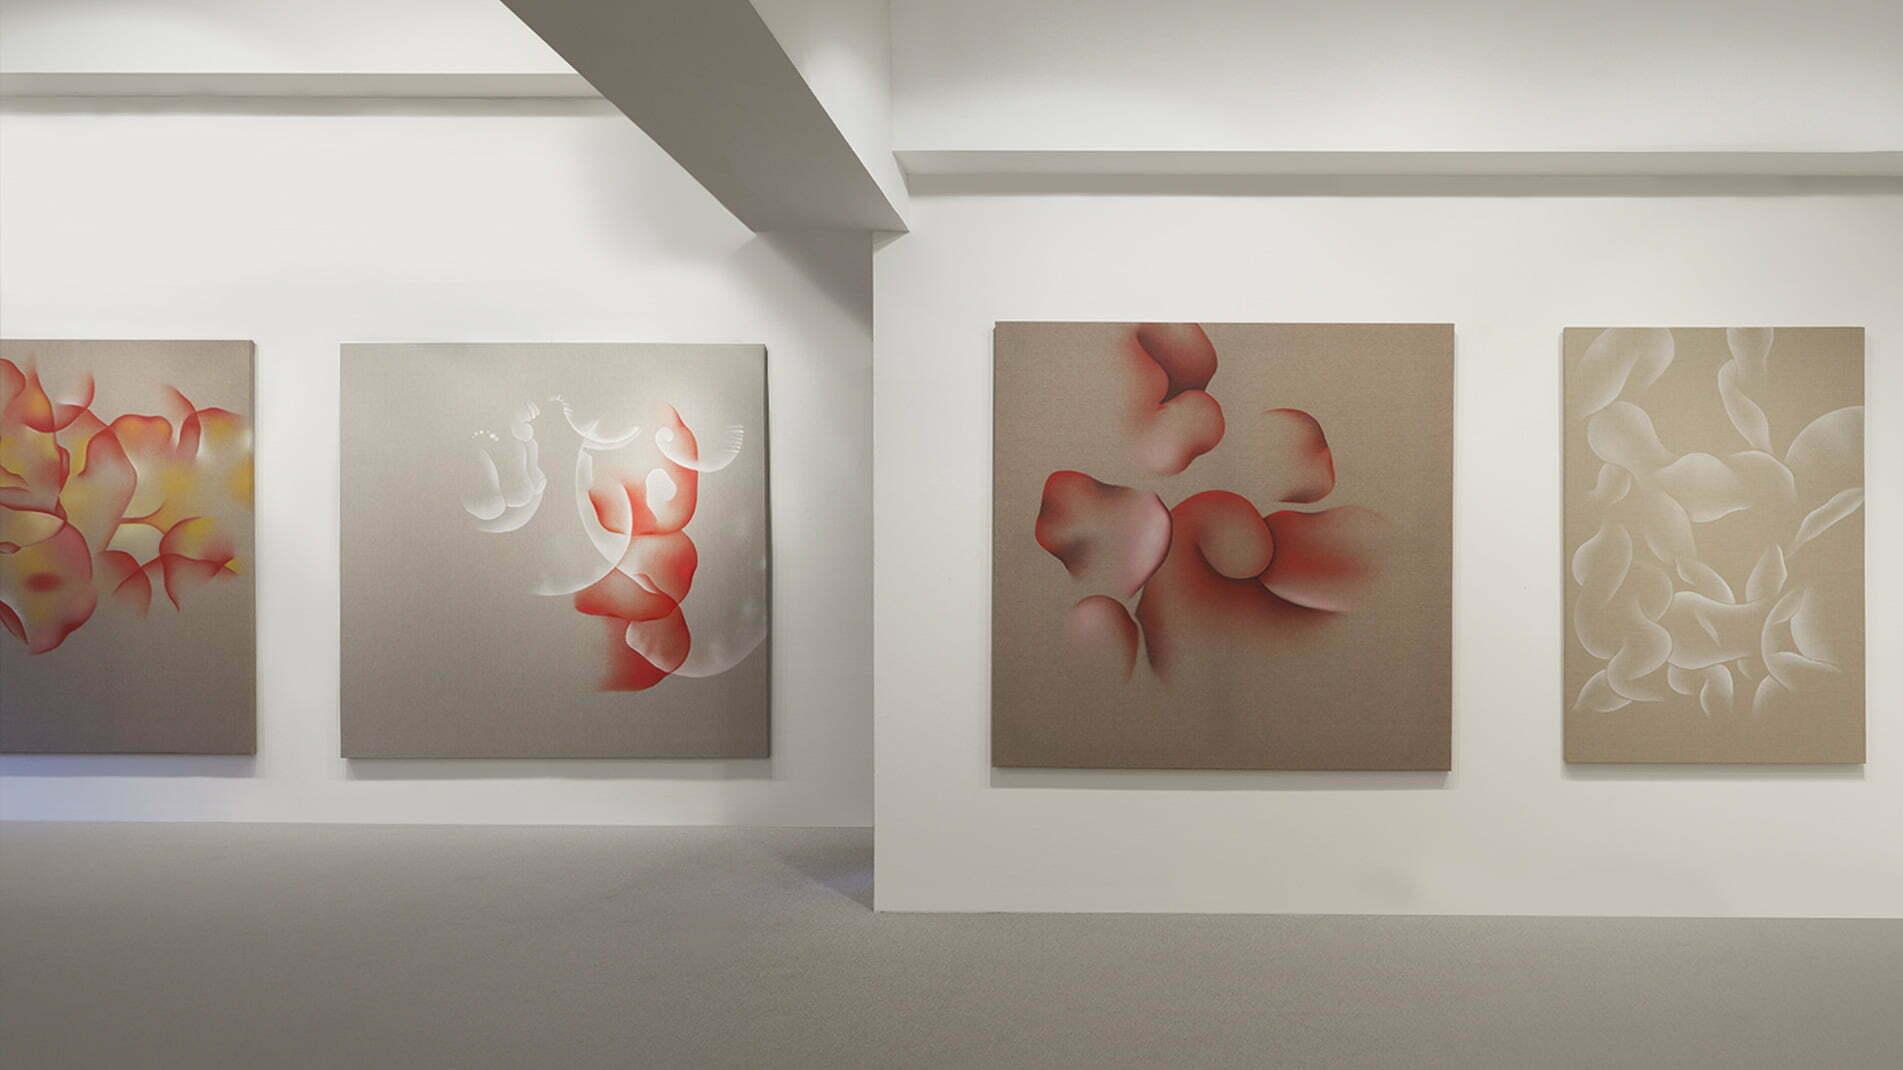 Exposition de l'artiste Guillaume Bottazzi à la galerie Itsutsuji à Tokyo en 2013